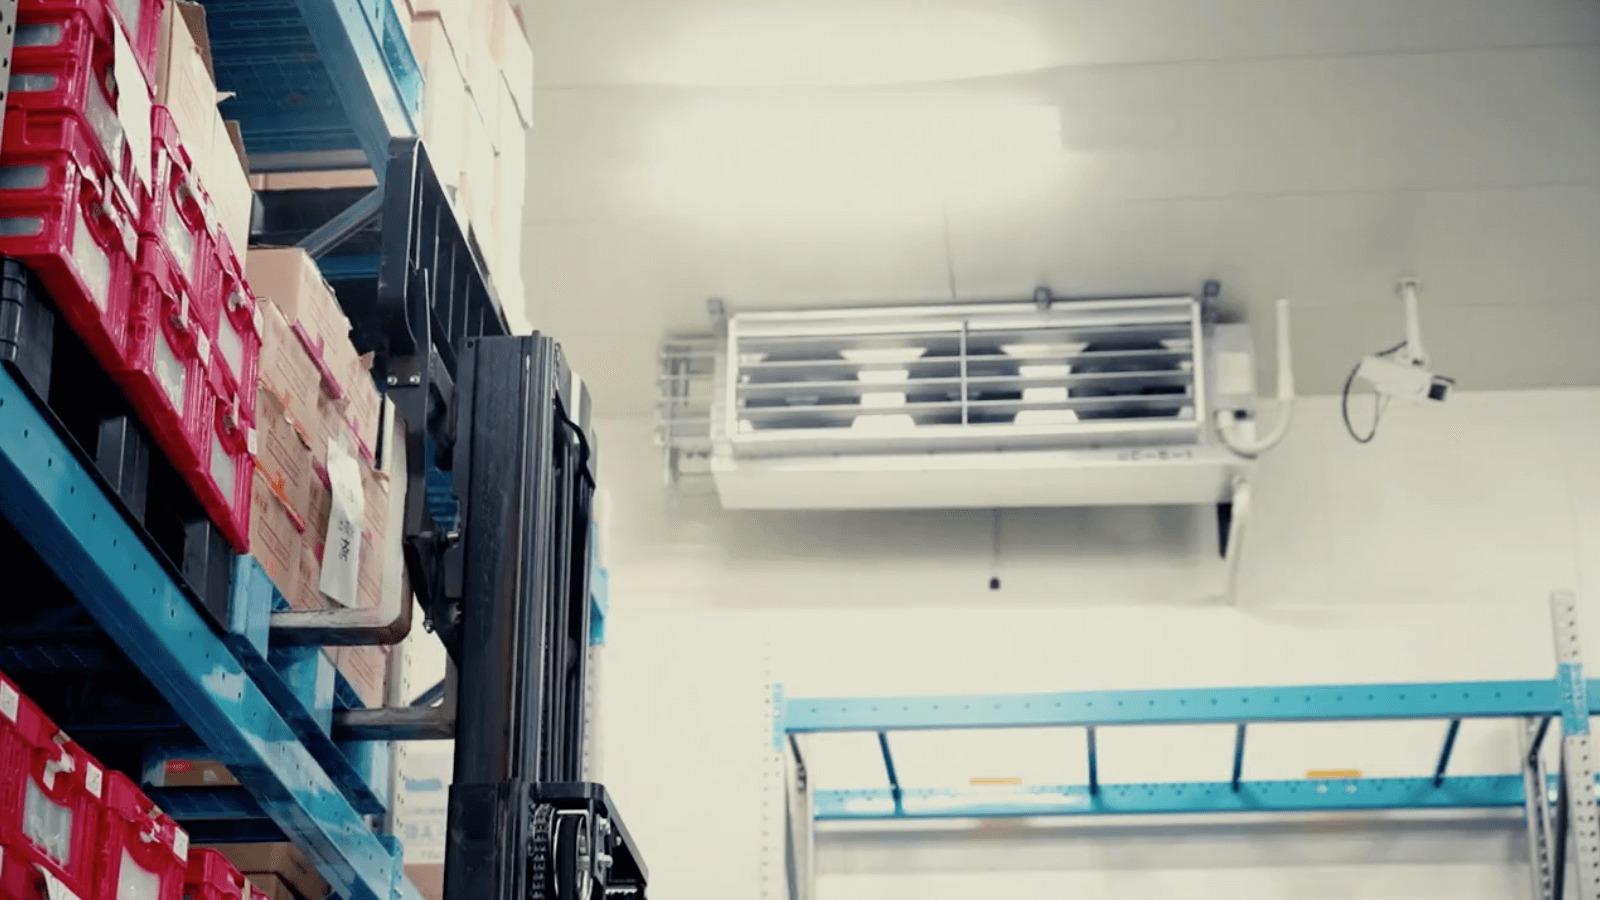 「他にない特許技術で食品の鮮度とおいしさを守る」それが、板倉冷機工業の仕事です。